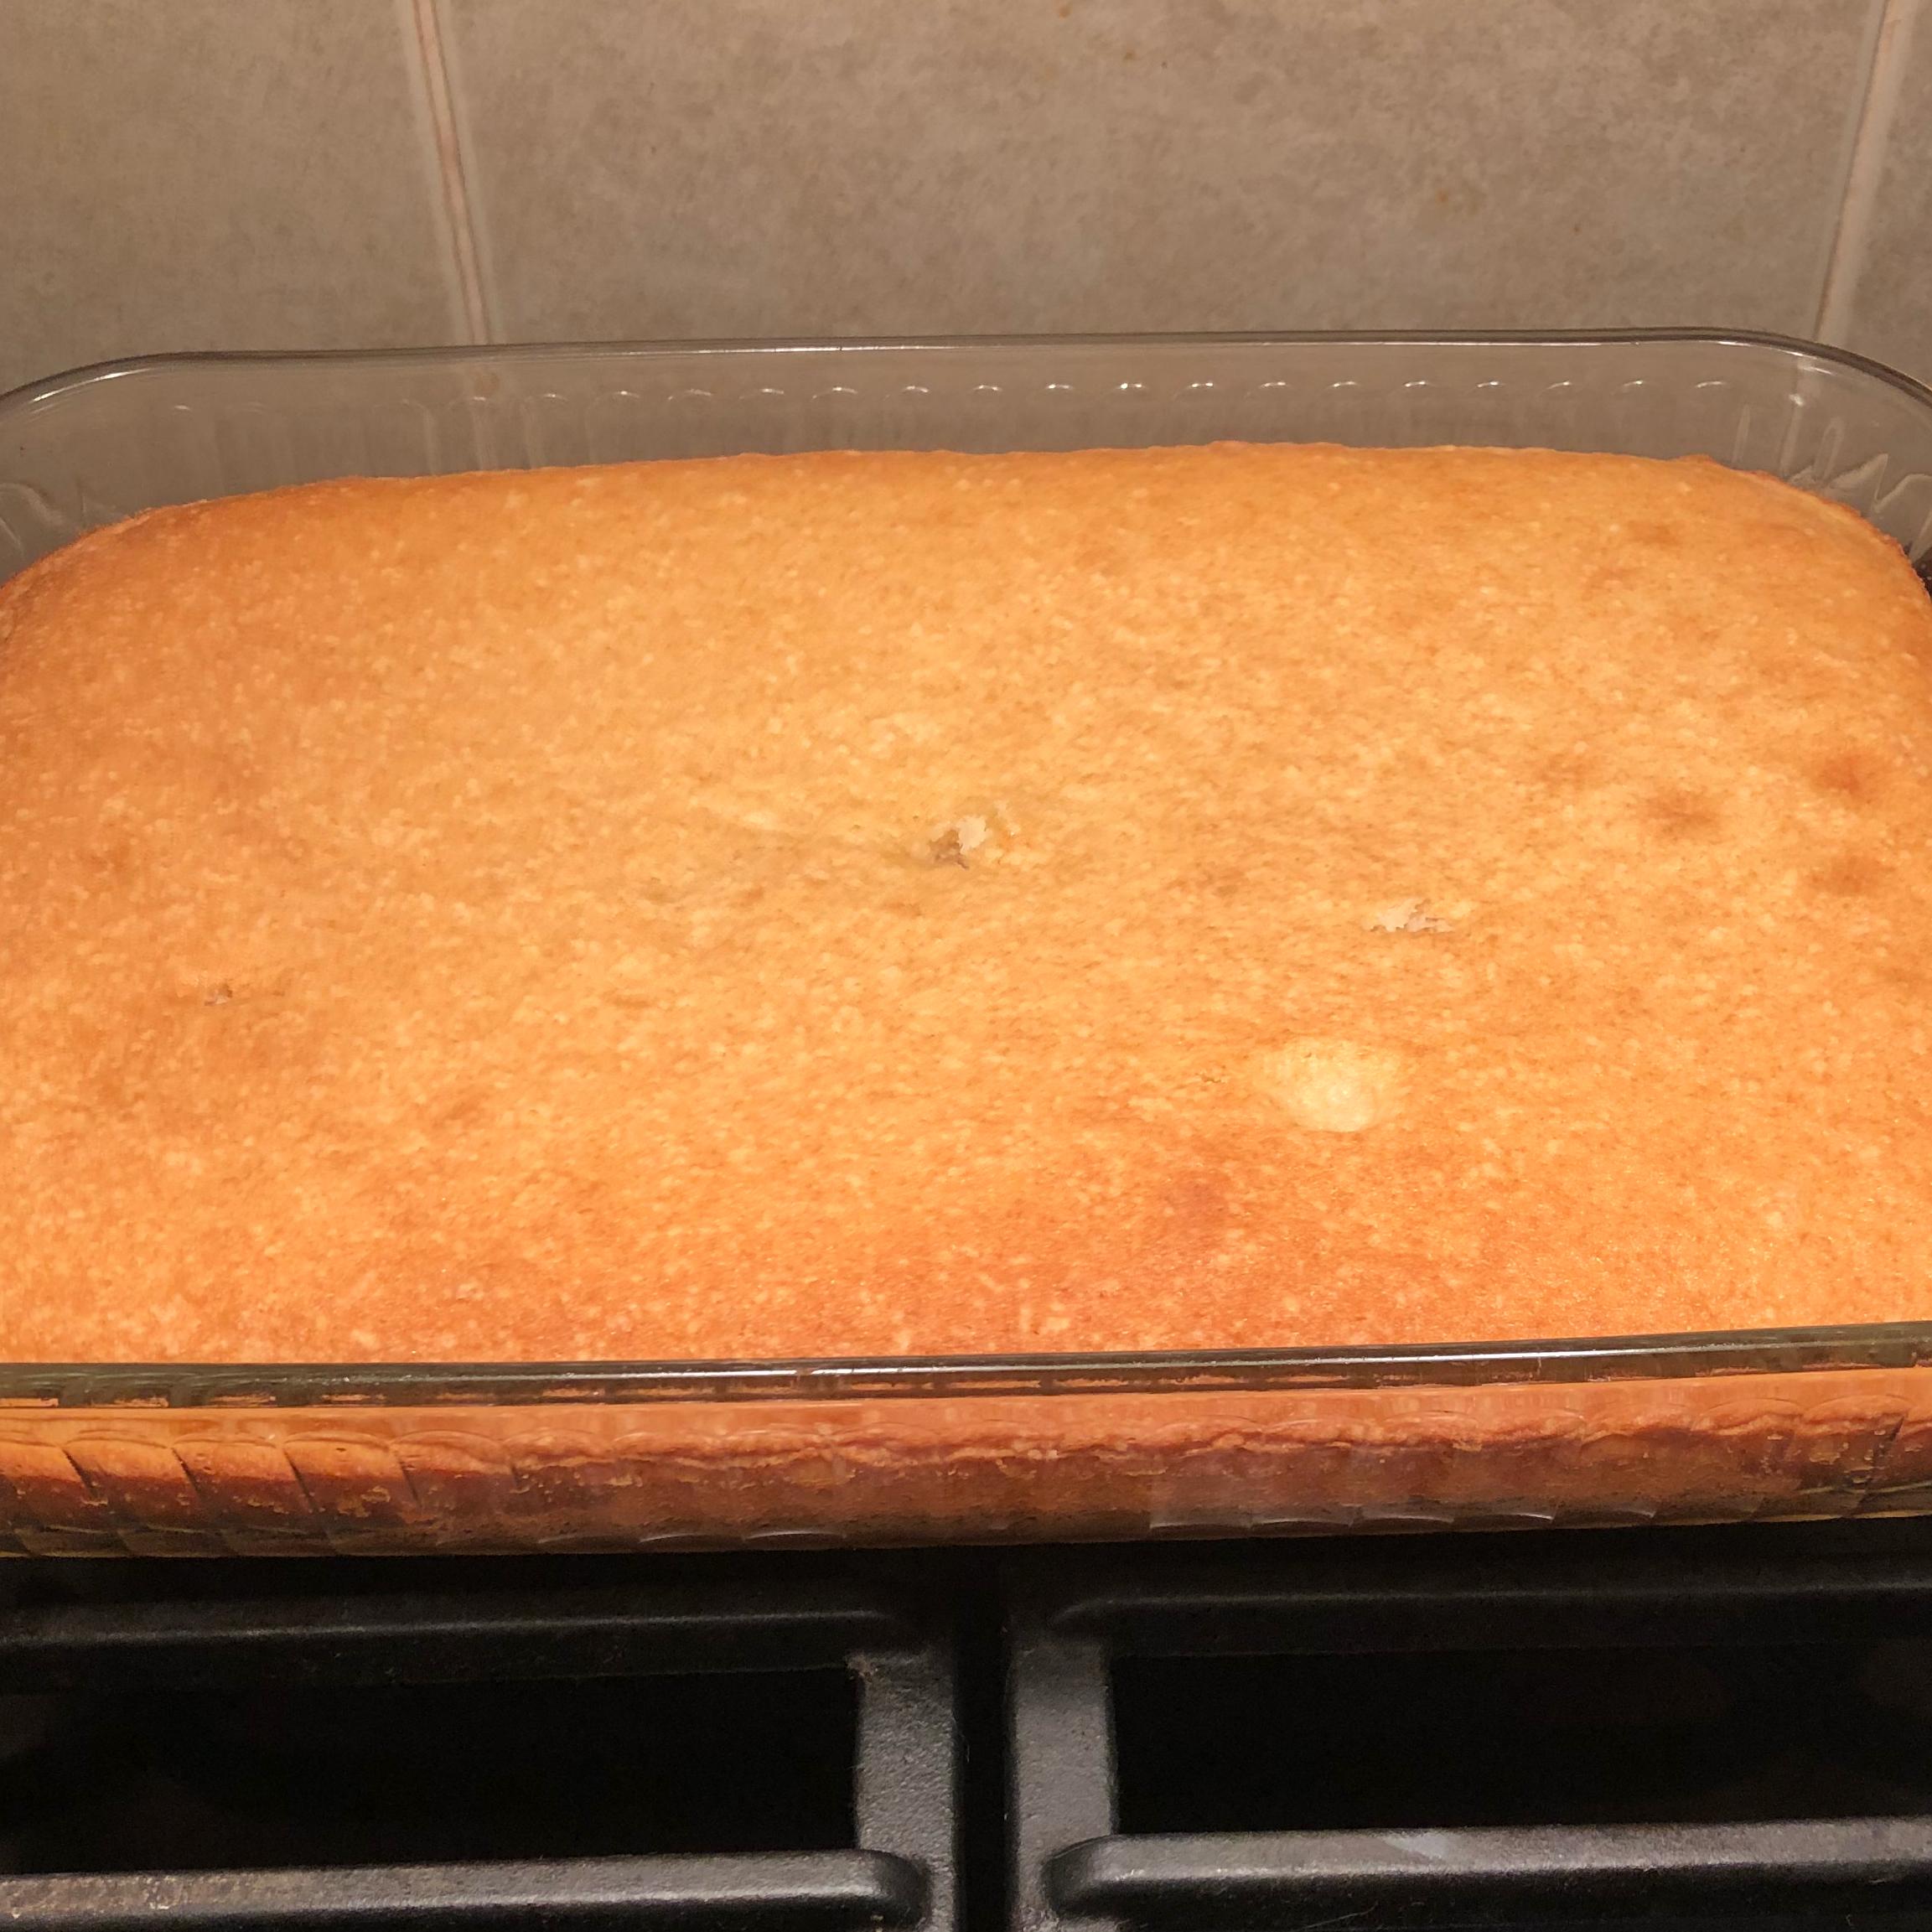 Thirty Minute Yellow Cake